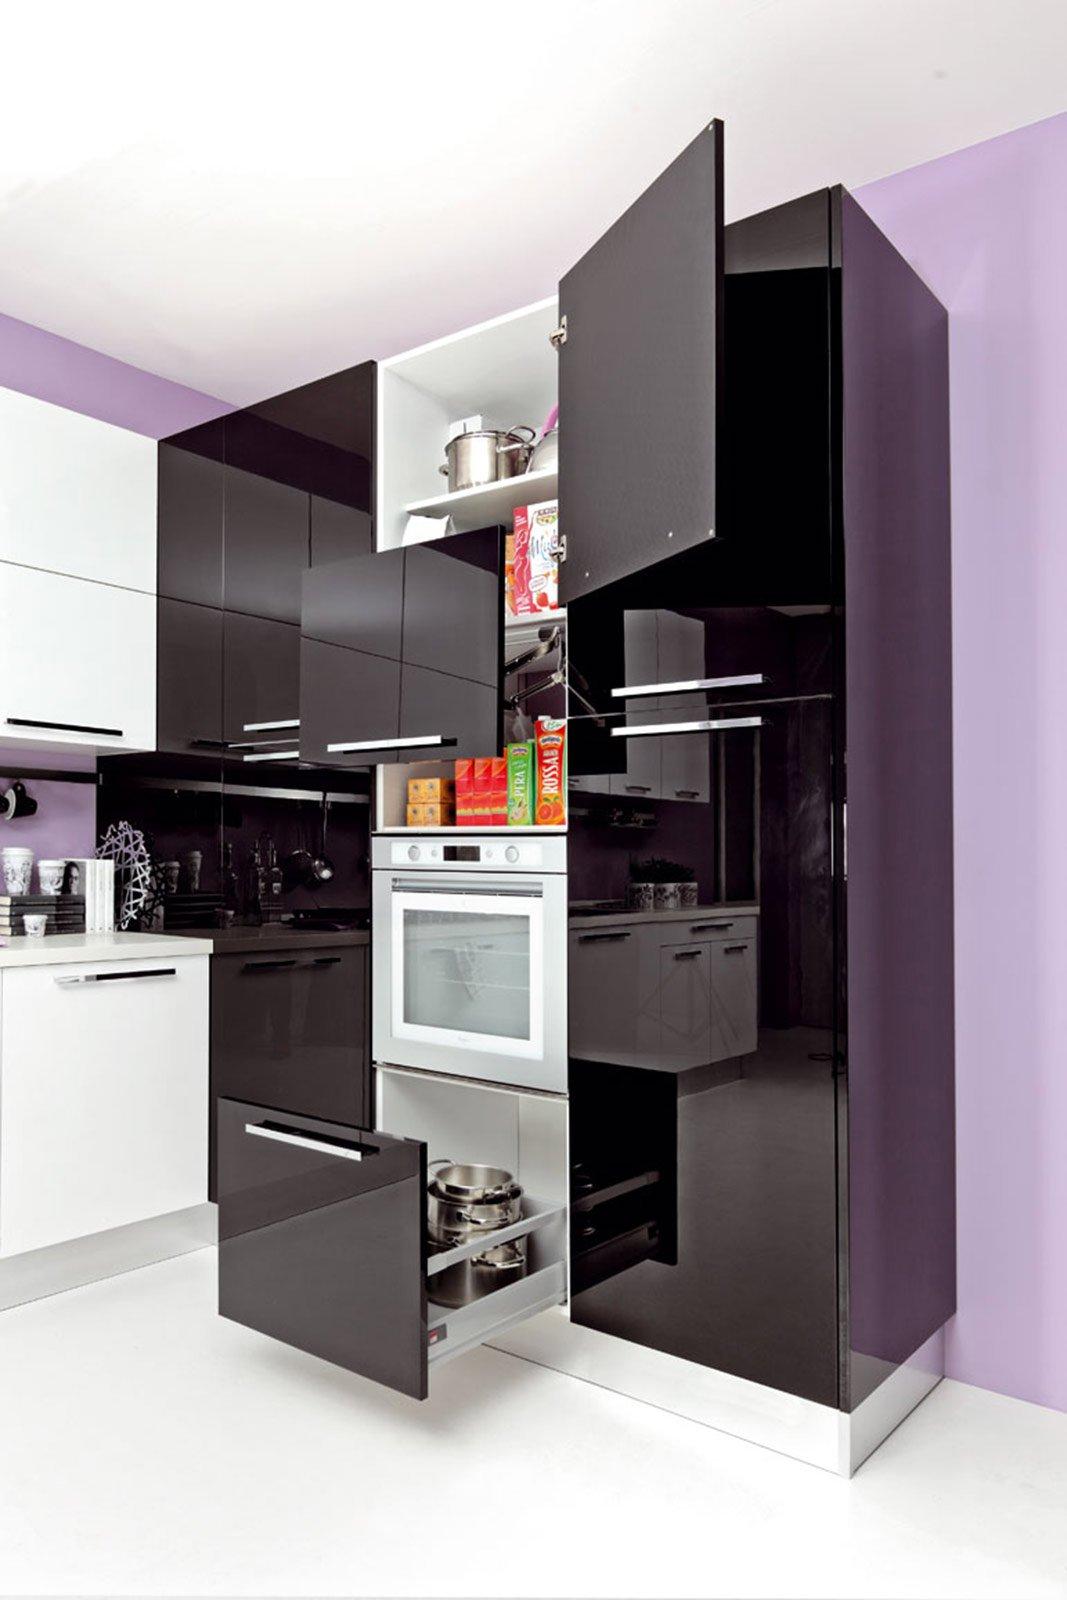 Funzionalità in cucina con le attrezzature giuste - Cose ...